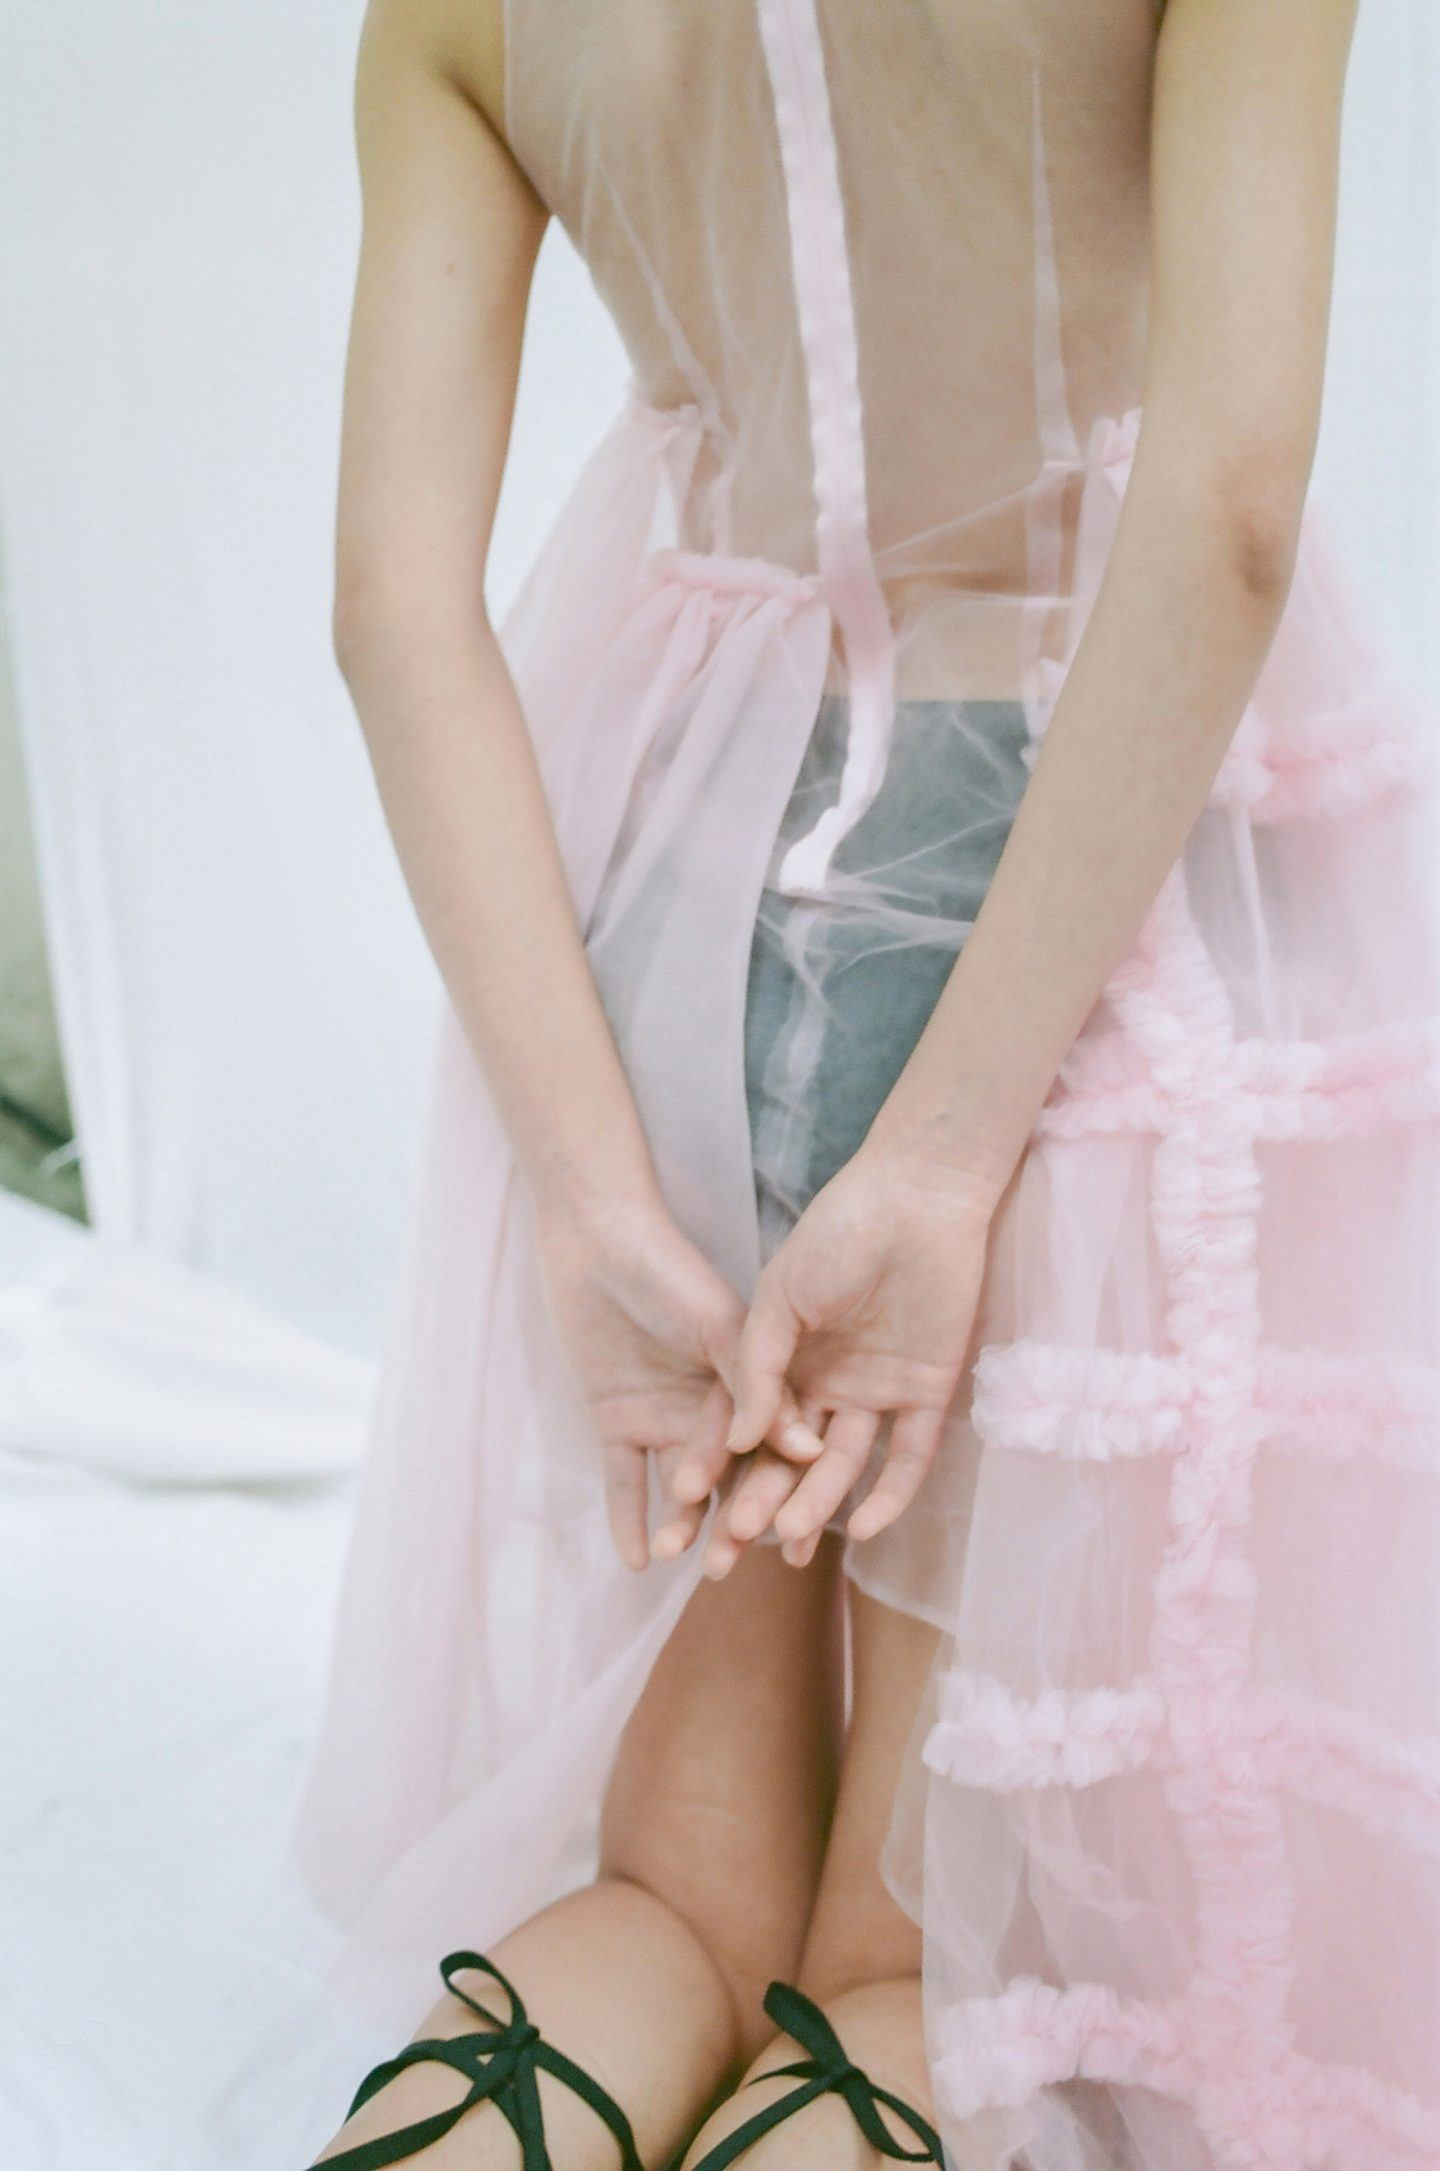 IGNANT-Photography-Jennifer-Cheng-001